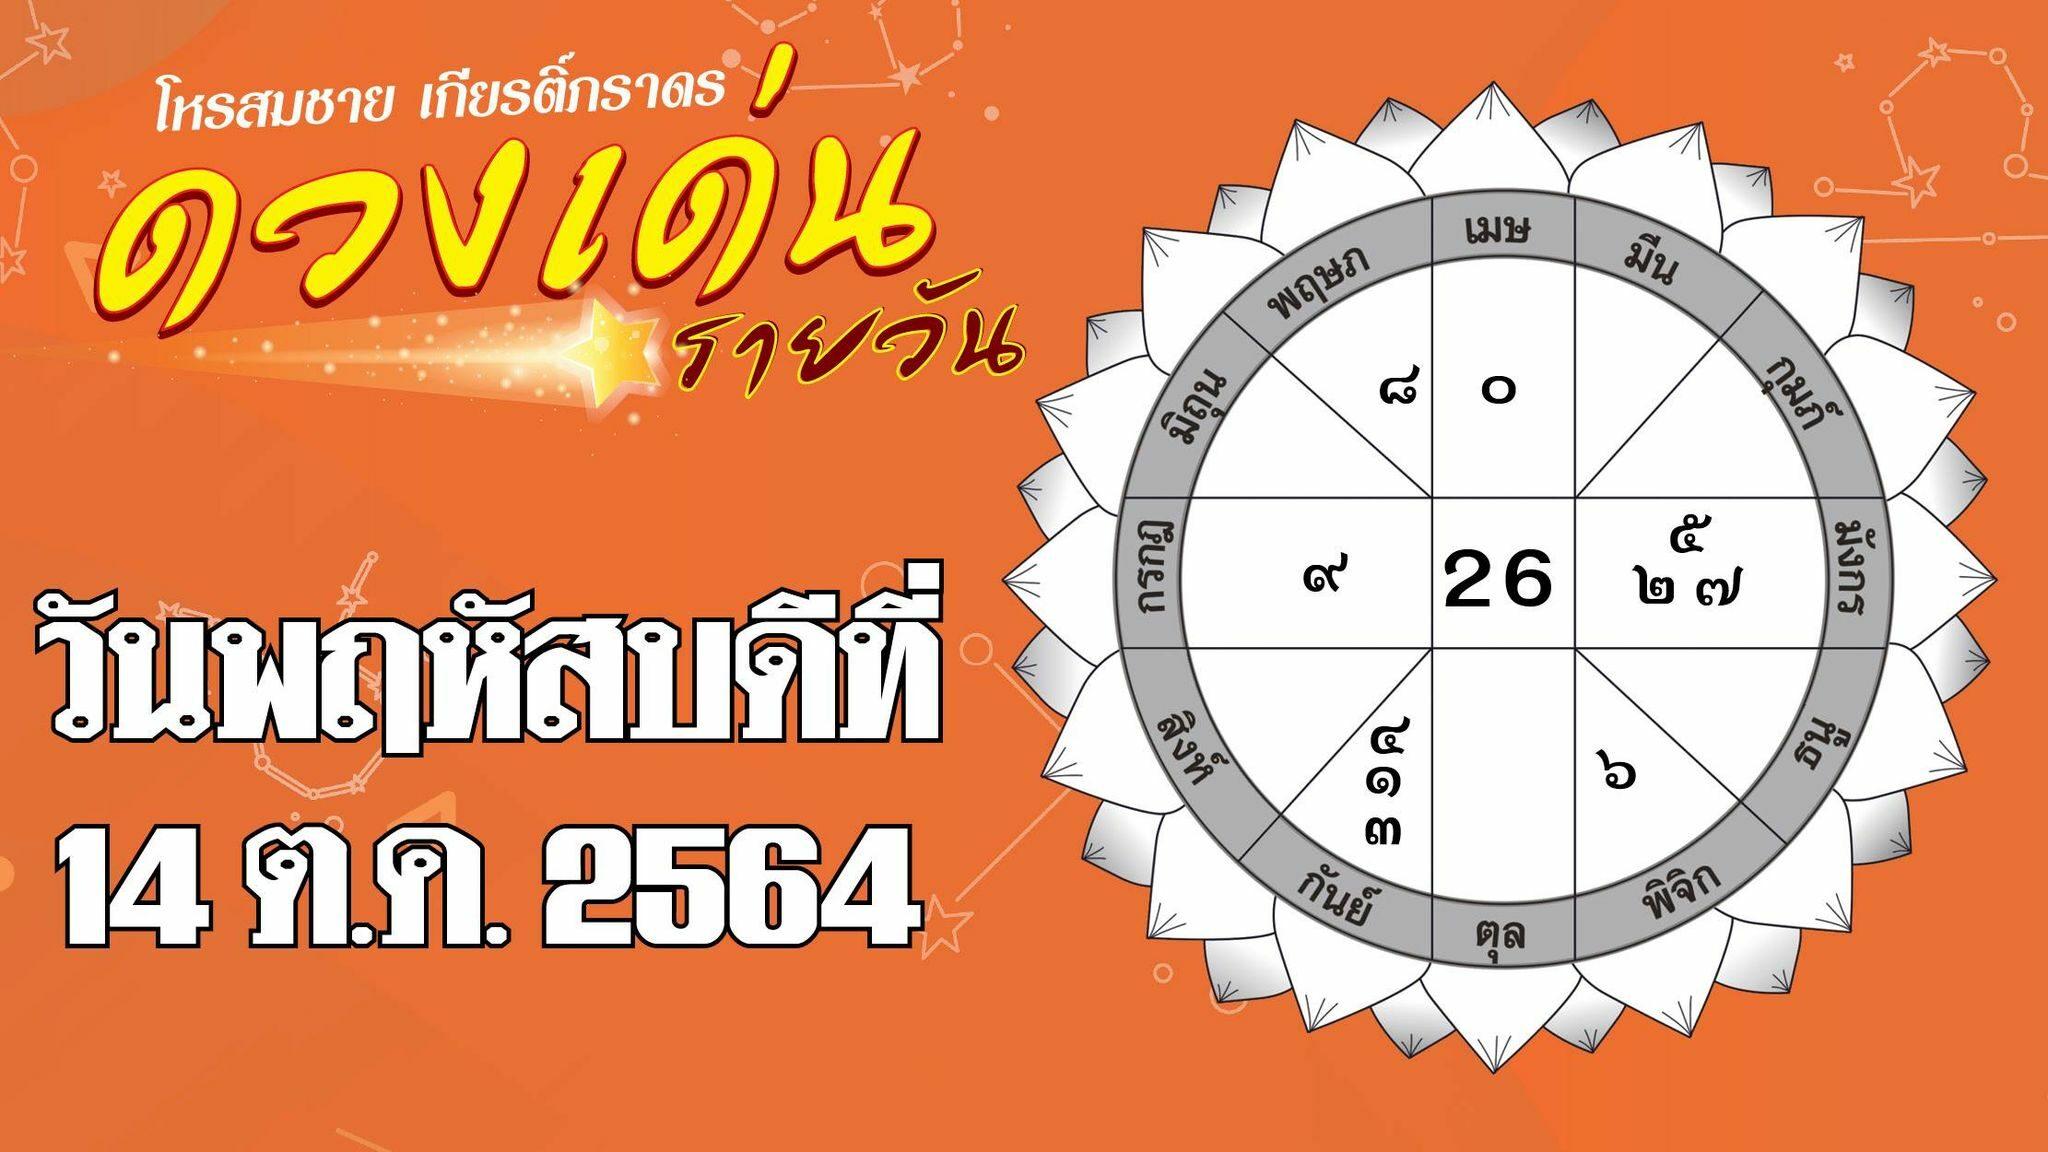 ดวงเด่นรายวัน ประจำวันพฤหัสบดีที่ 14 ตุลาคม พ.ศ.2564